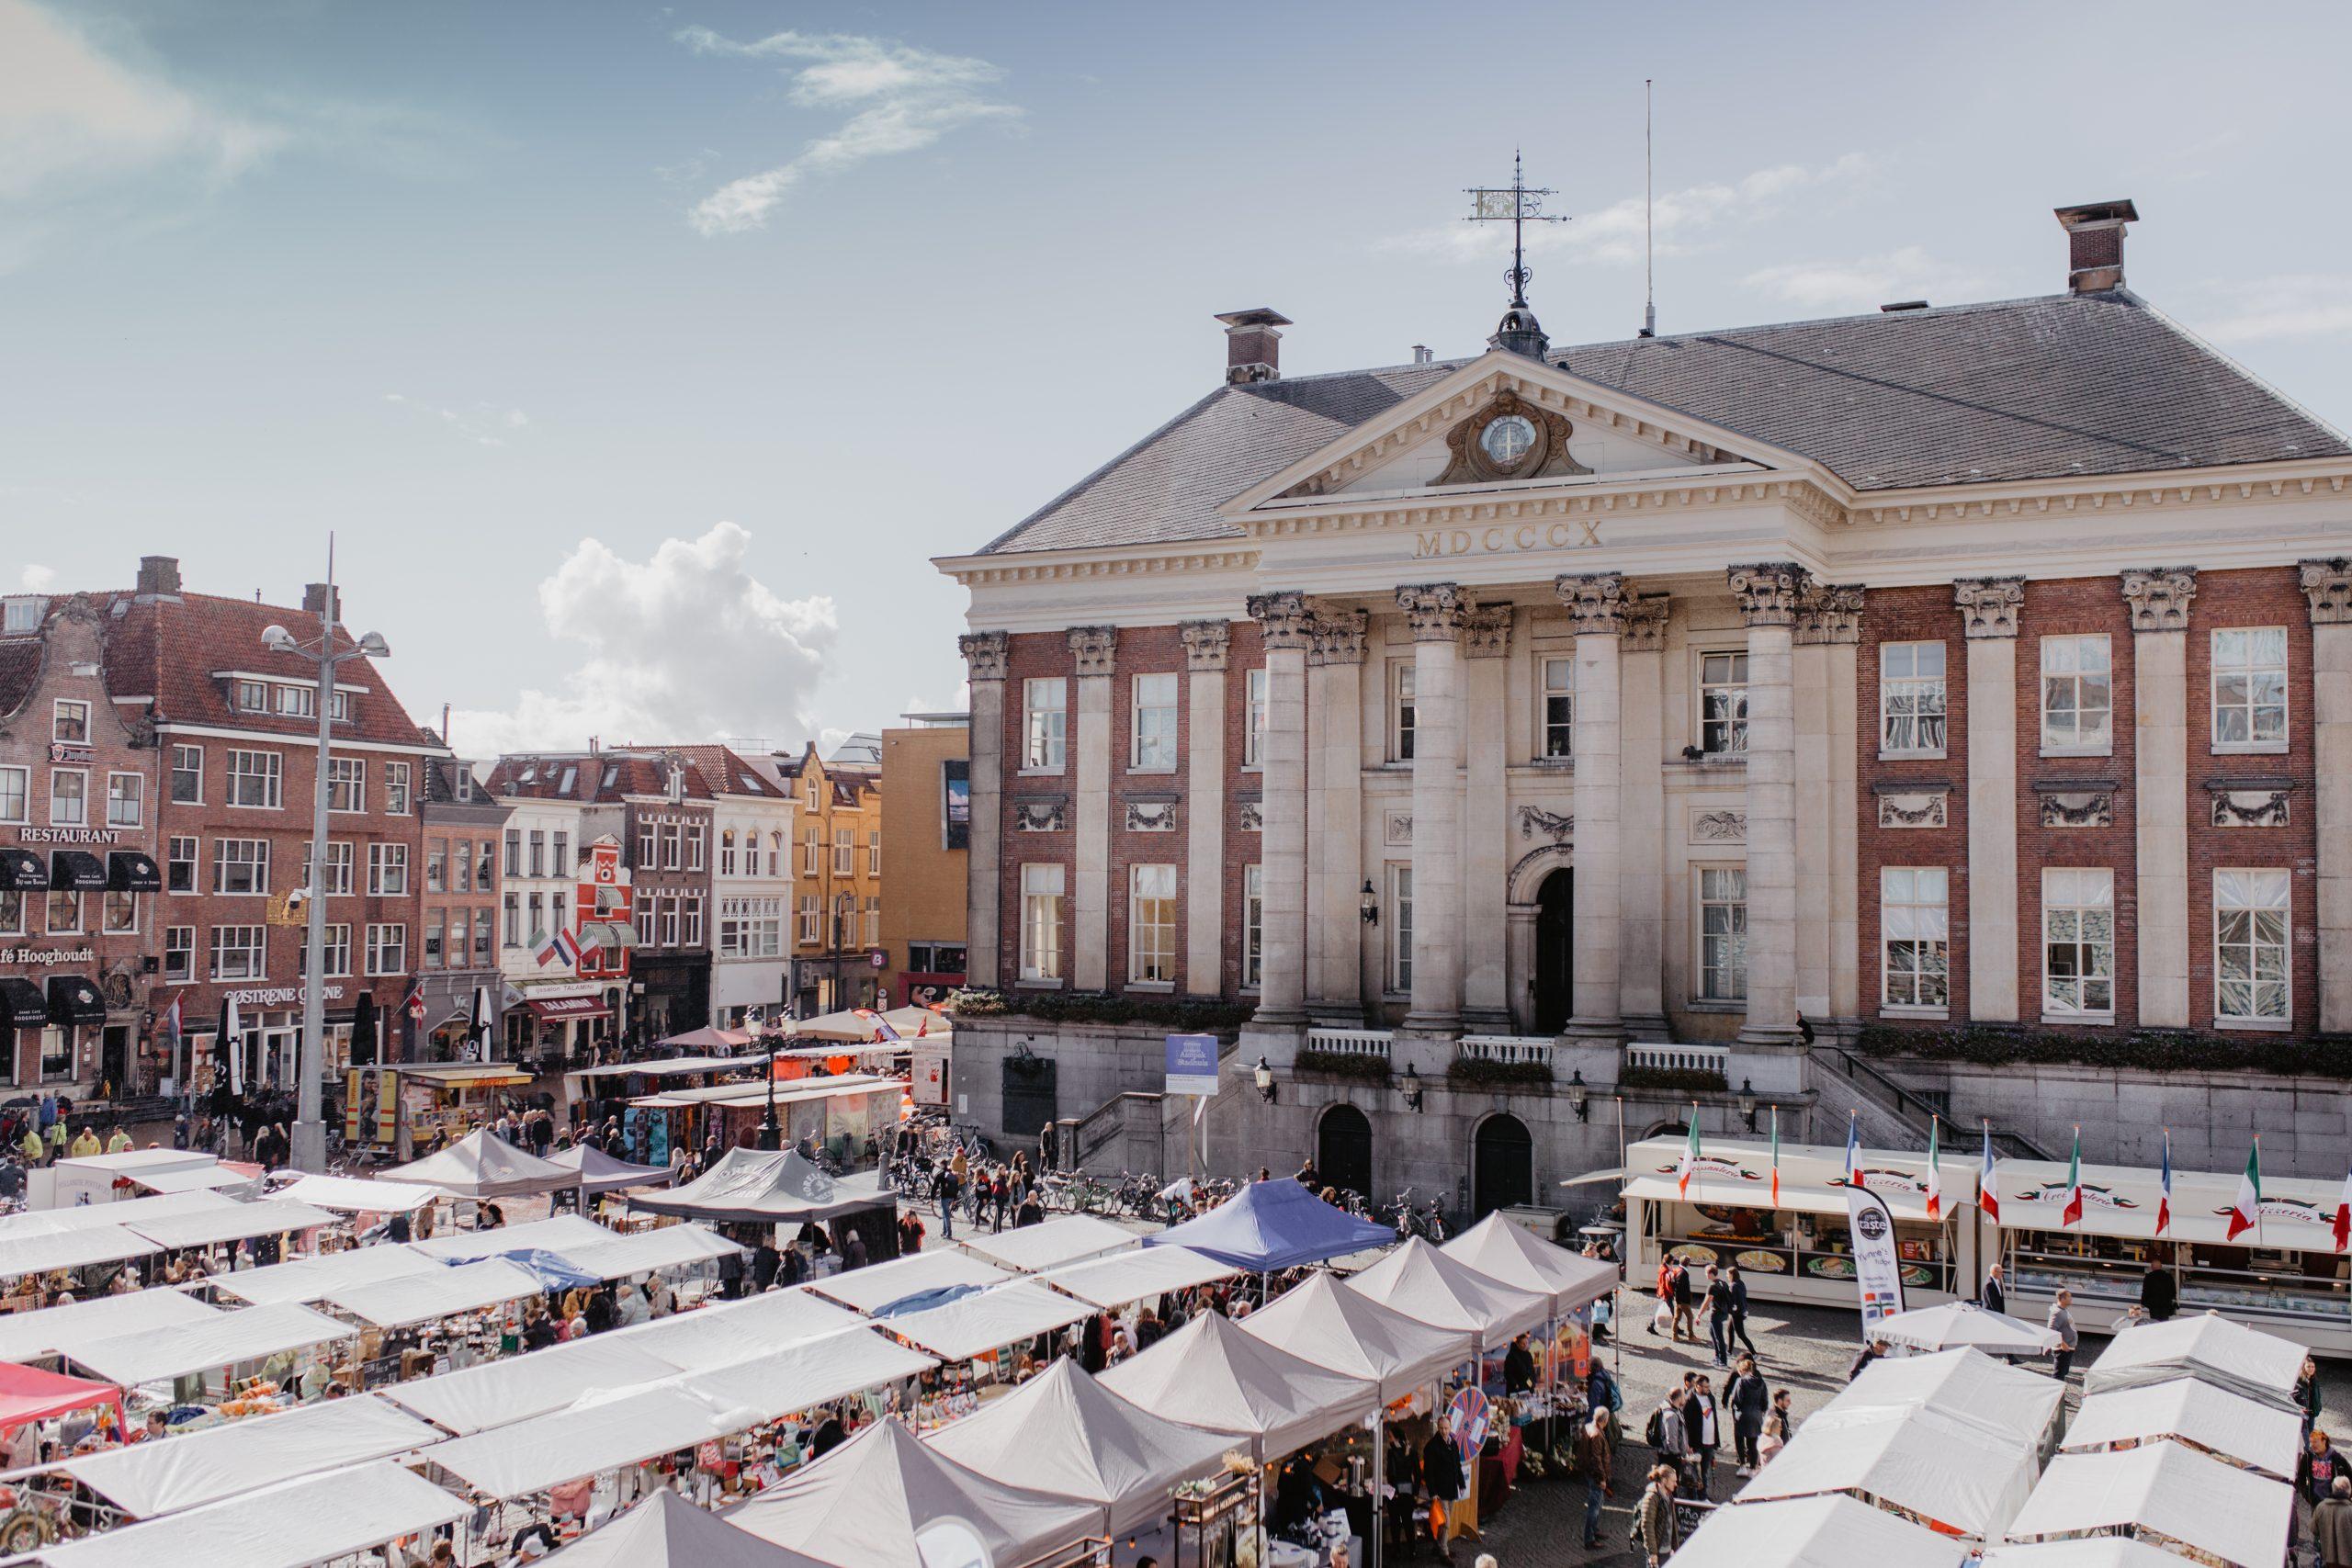 Personeelsreis Groningen. Beleef een zaterdagmiddag op de Grote Markt en bezichtig het stadhuis